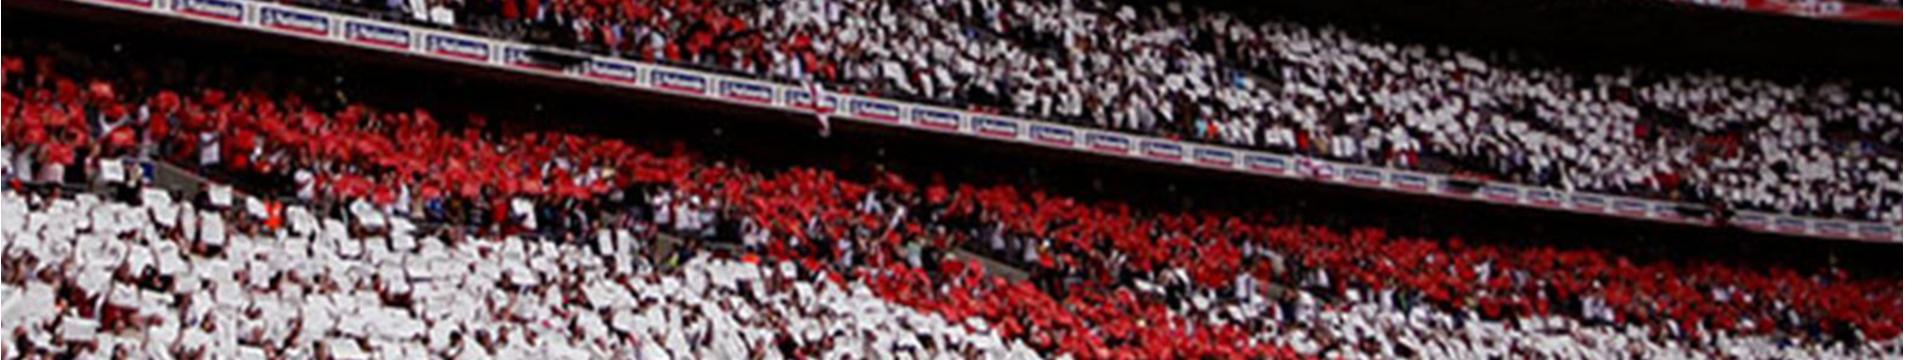 england-football-blog-header.jpg